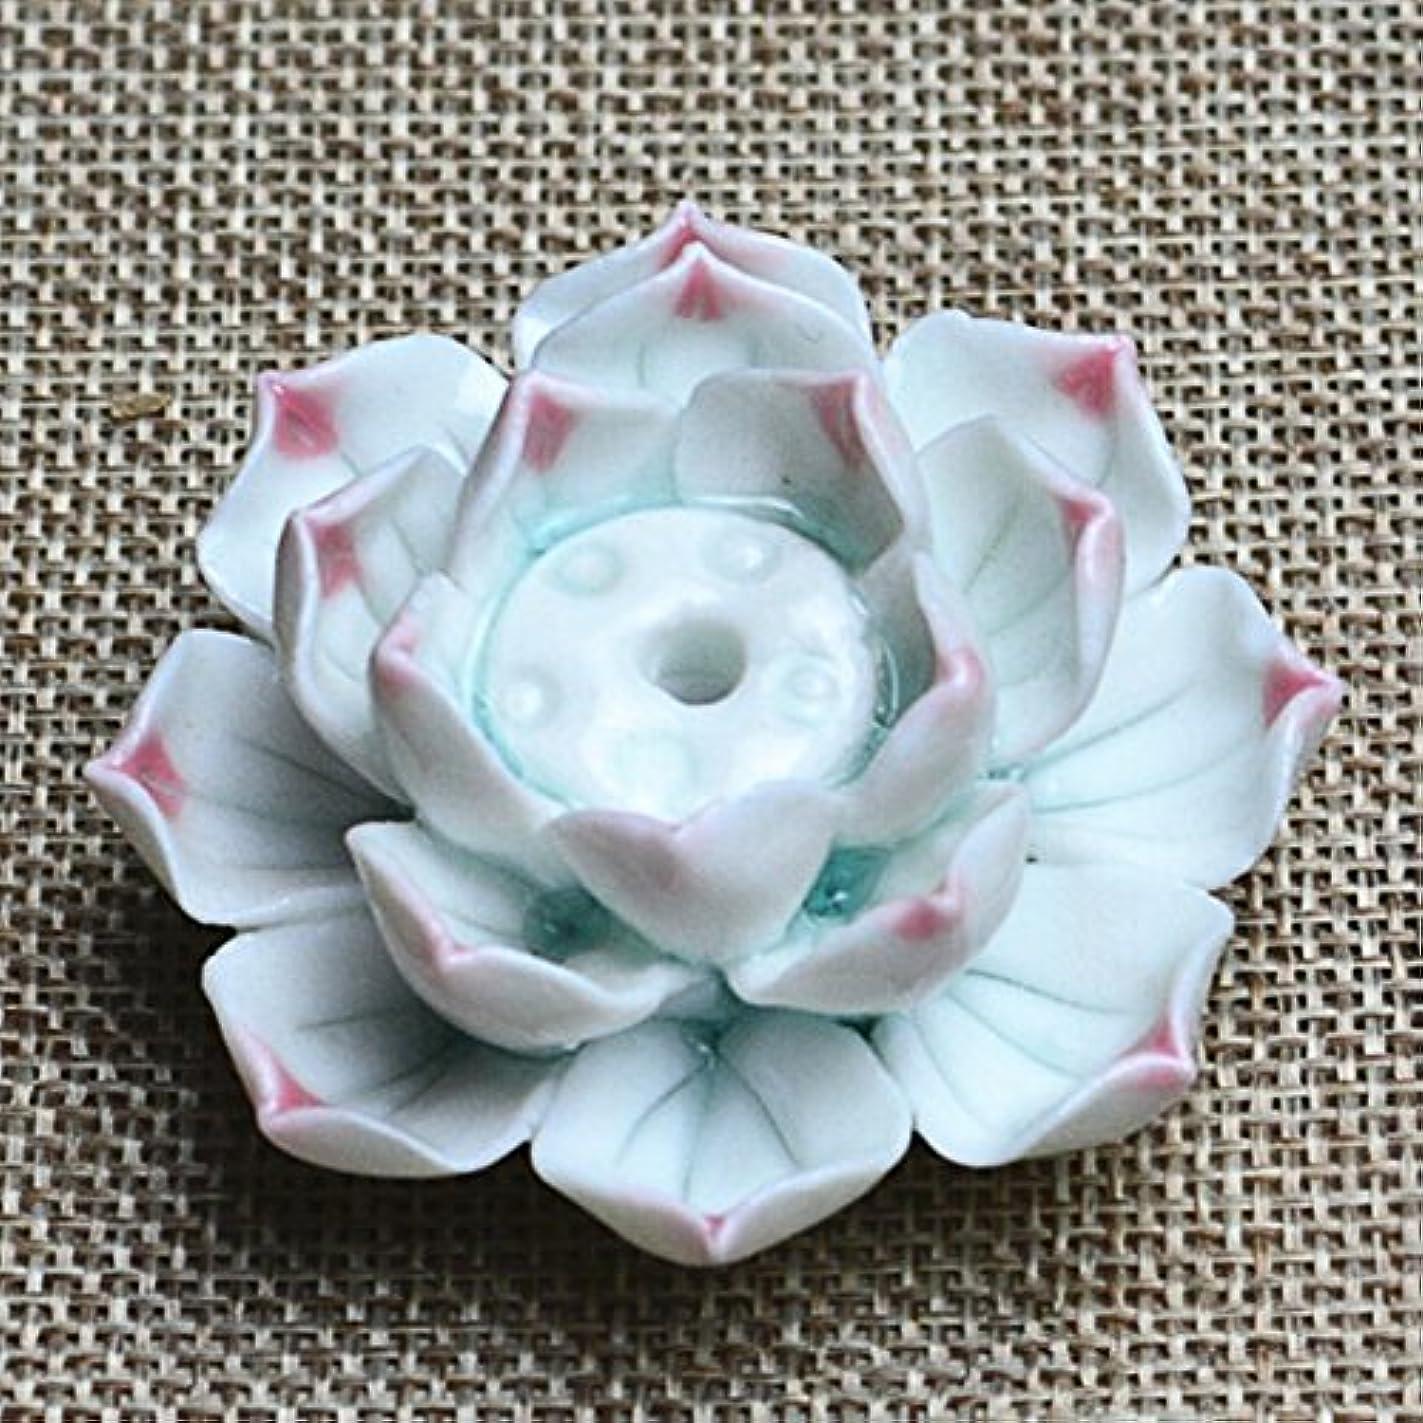 タイムリーな結婚する海外でLiebeye セラミック 香炉 バーナー スティック ホルダー アッシュ キャッチャー プレート 1/3穴 ピンク ポイントの花